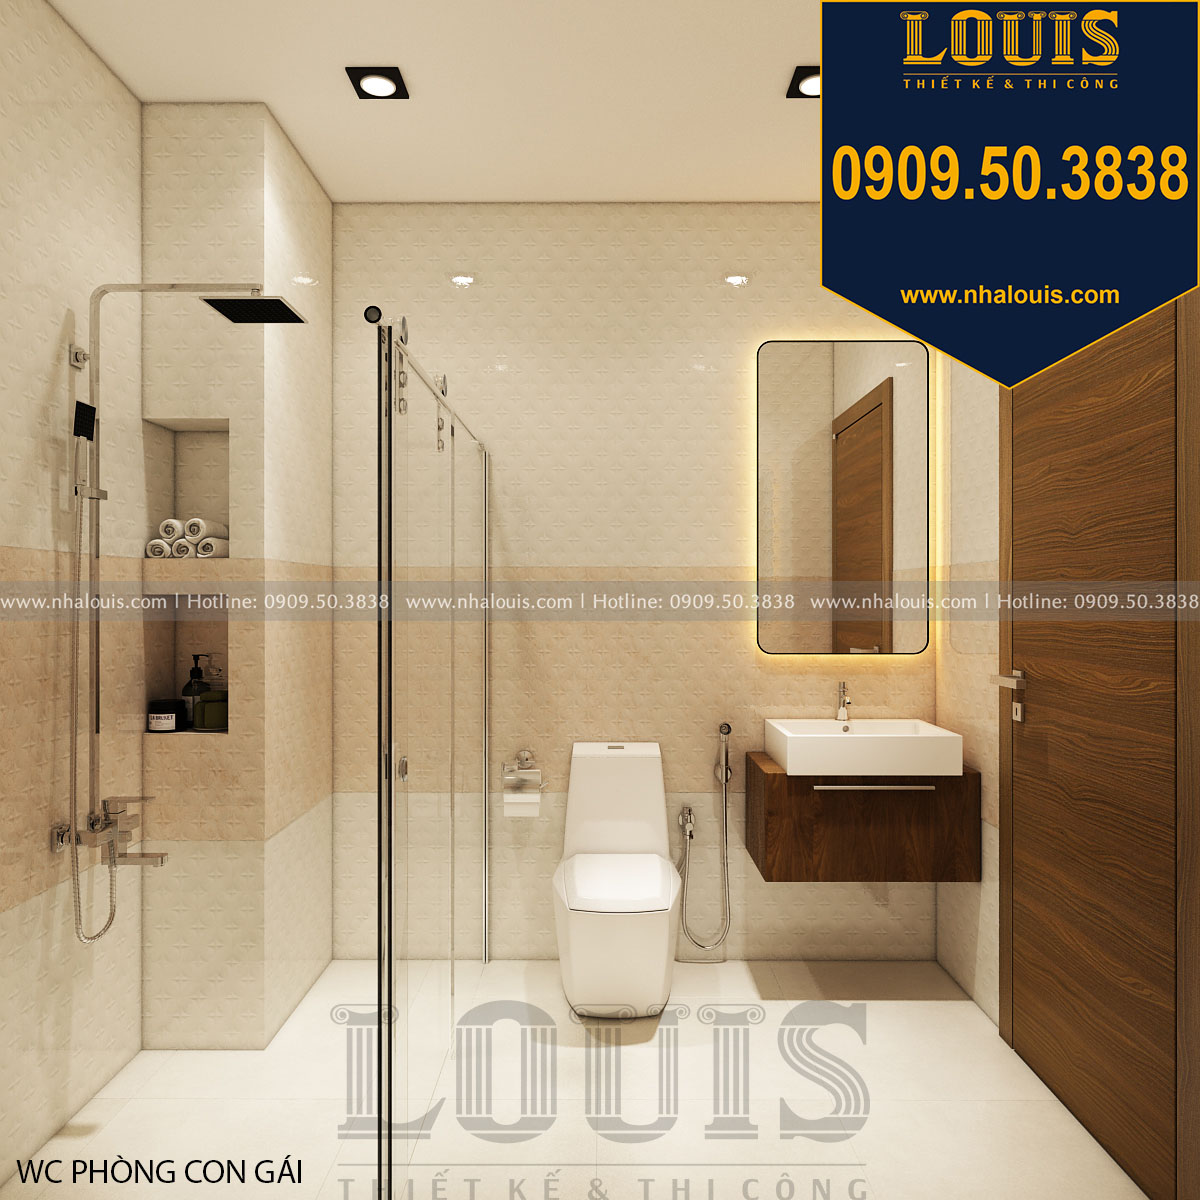 thiết kế WC và phòng tắm